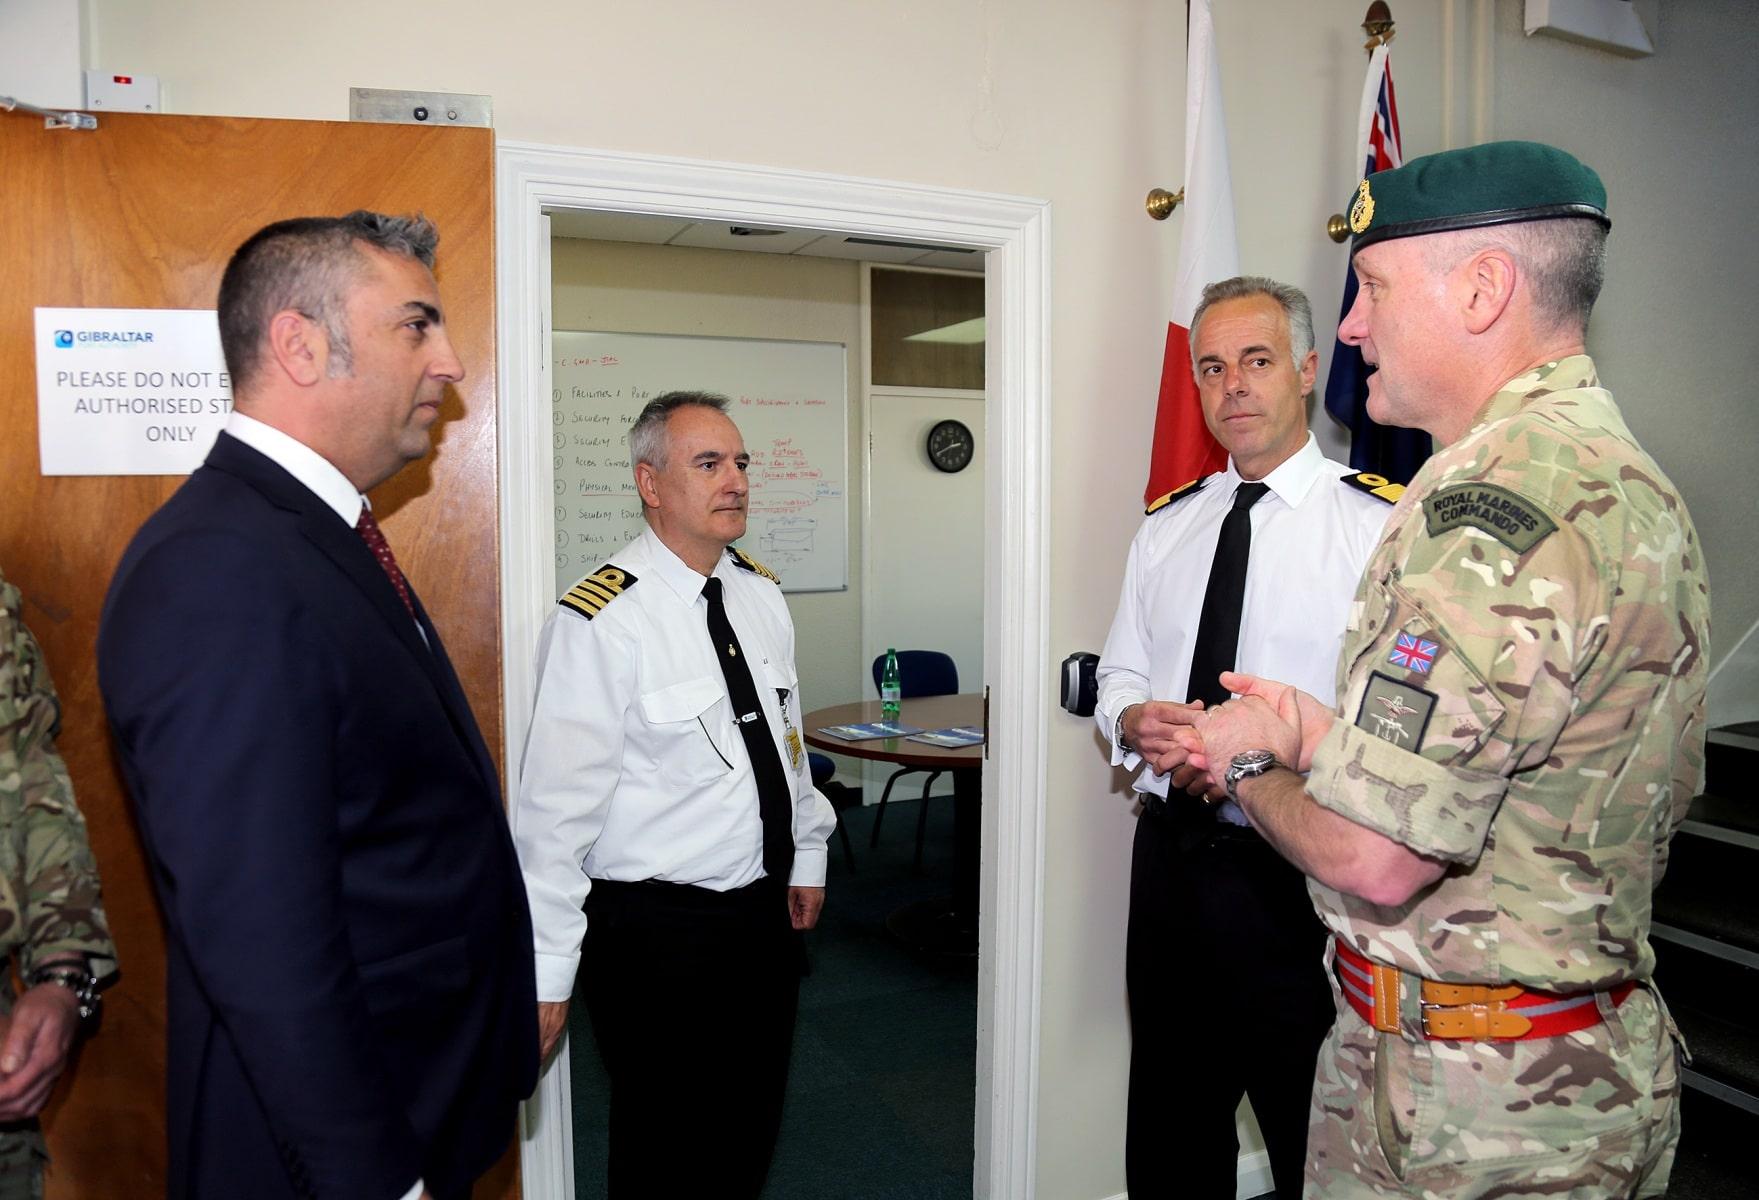 visita-oficial-del-gobernador-al-puerto-de-gibraltarvisita-oficial-del-gobernador-al-puerto-de-gibraltar_25881618630_o